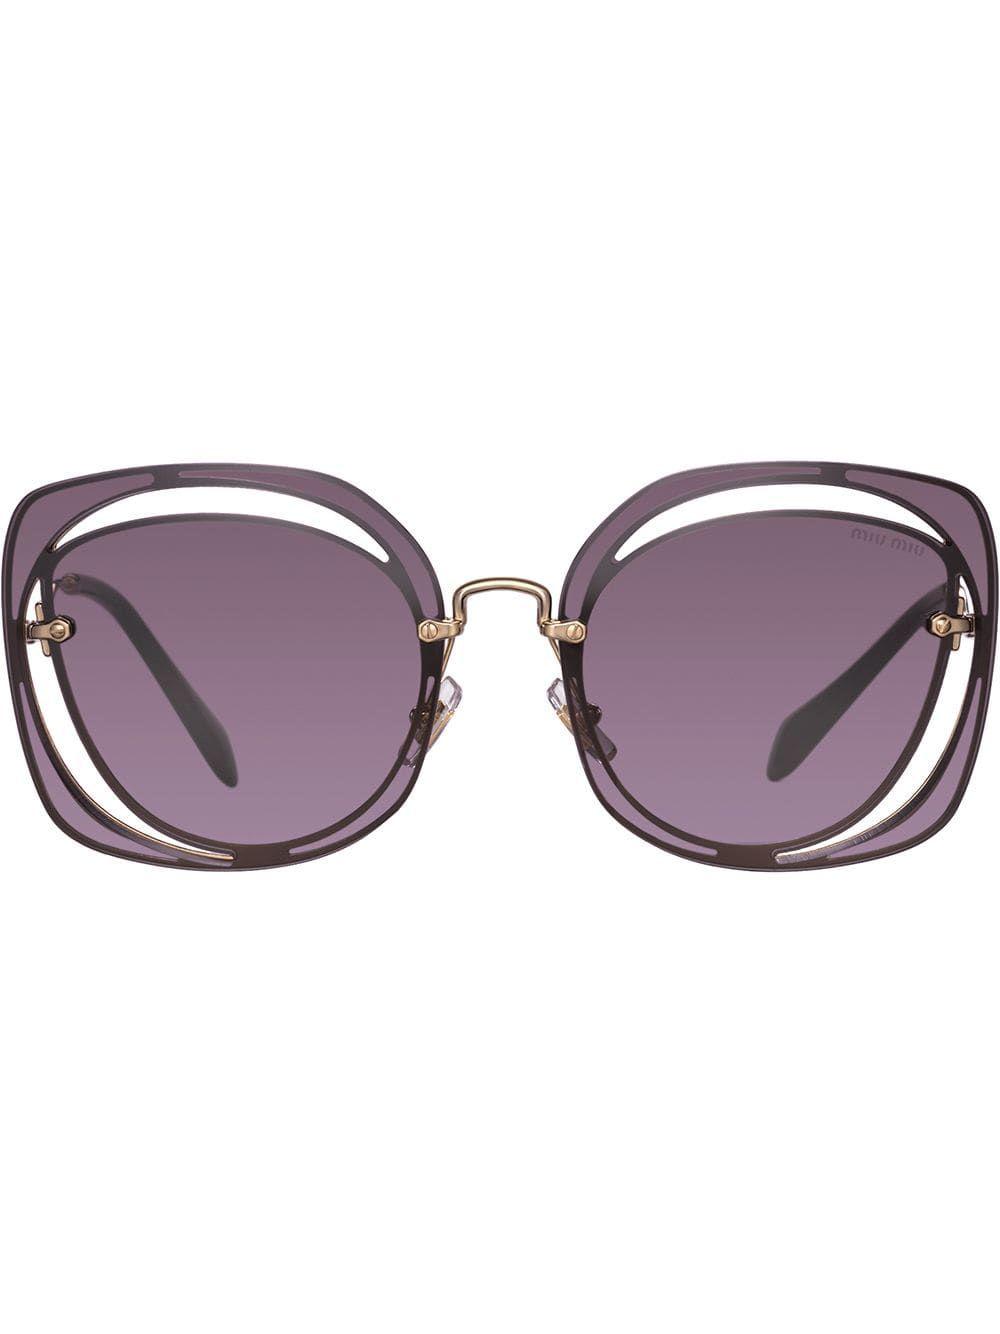 525c8ca6cb00 Miu Miu Eyewear Scenique sunglasses - Brown in 2019 | Products | Miu ...